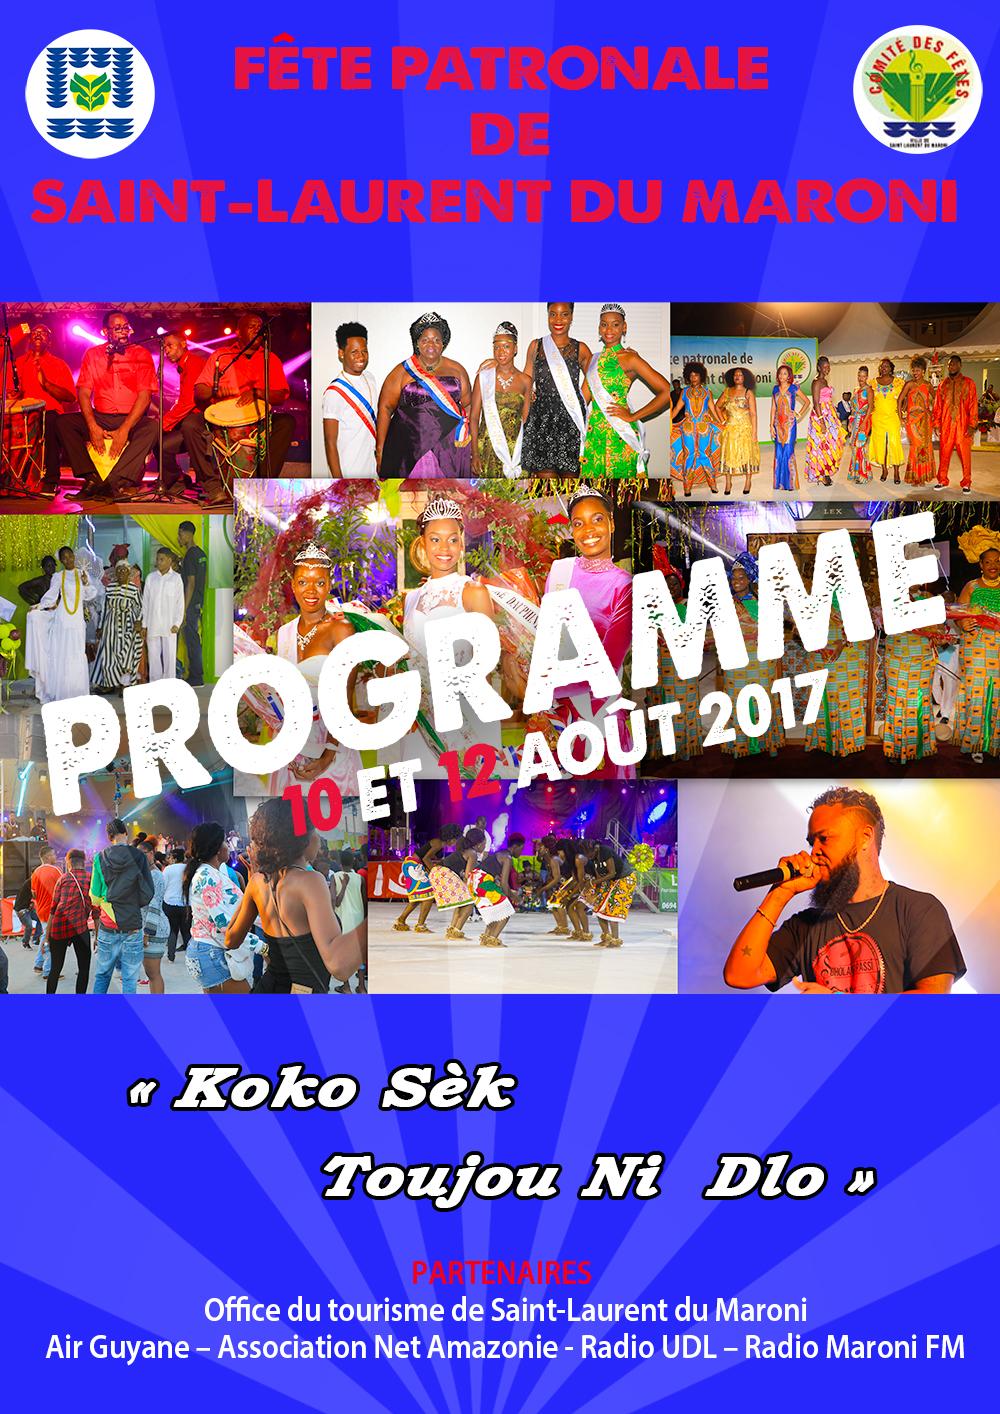 Programme de la Fête patronale 2017